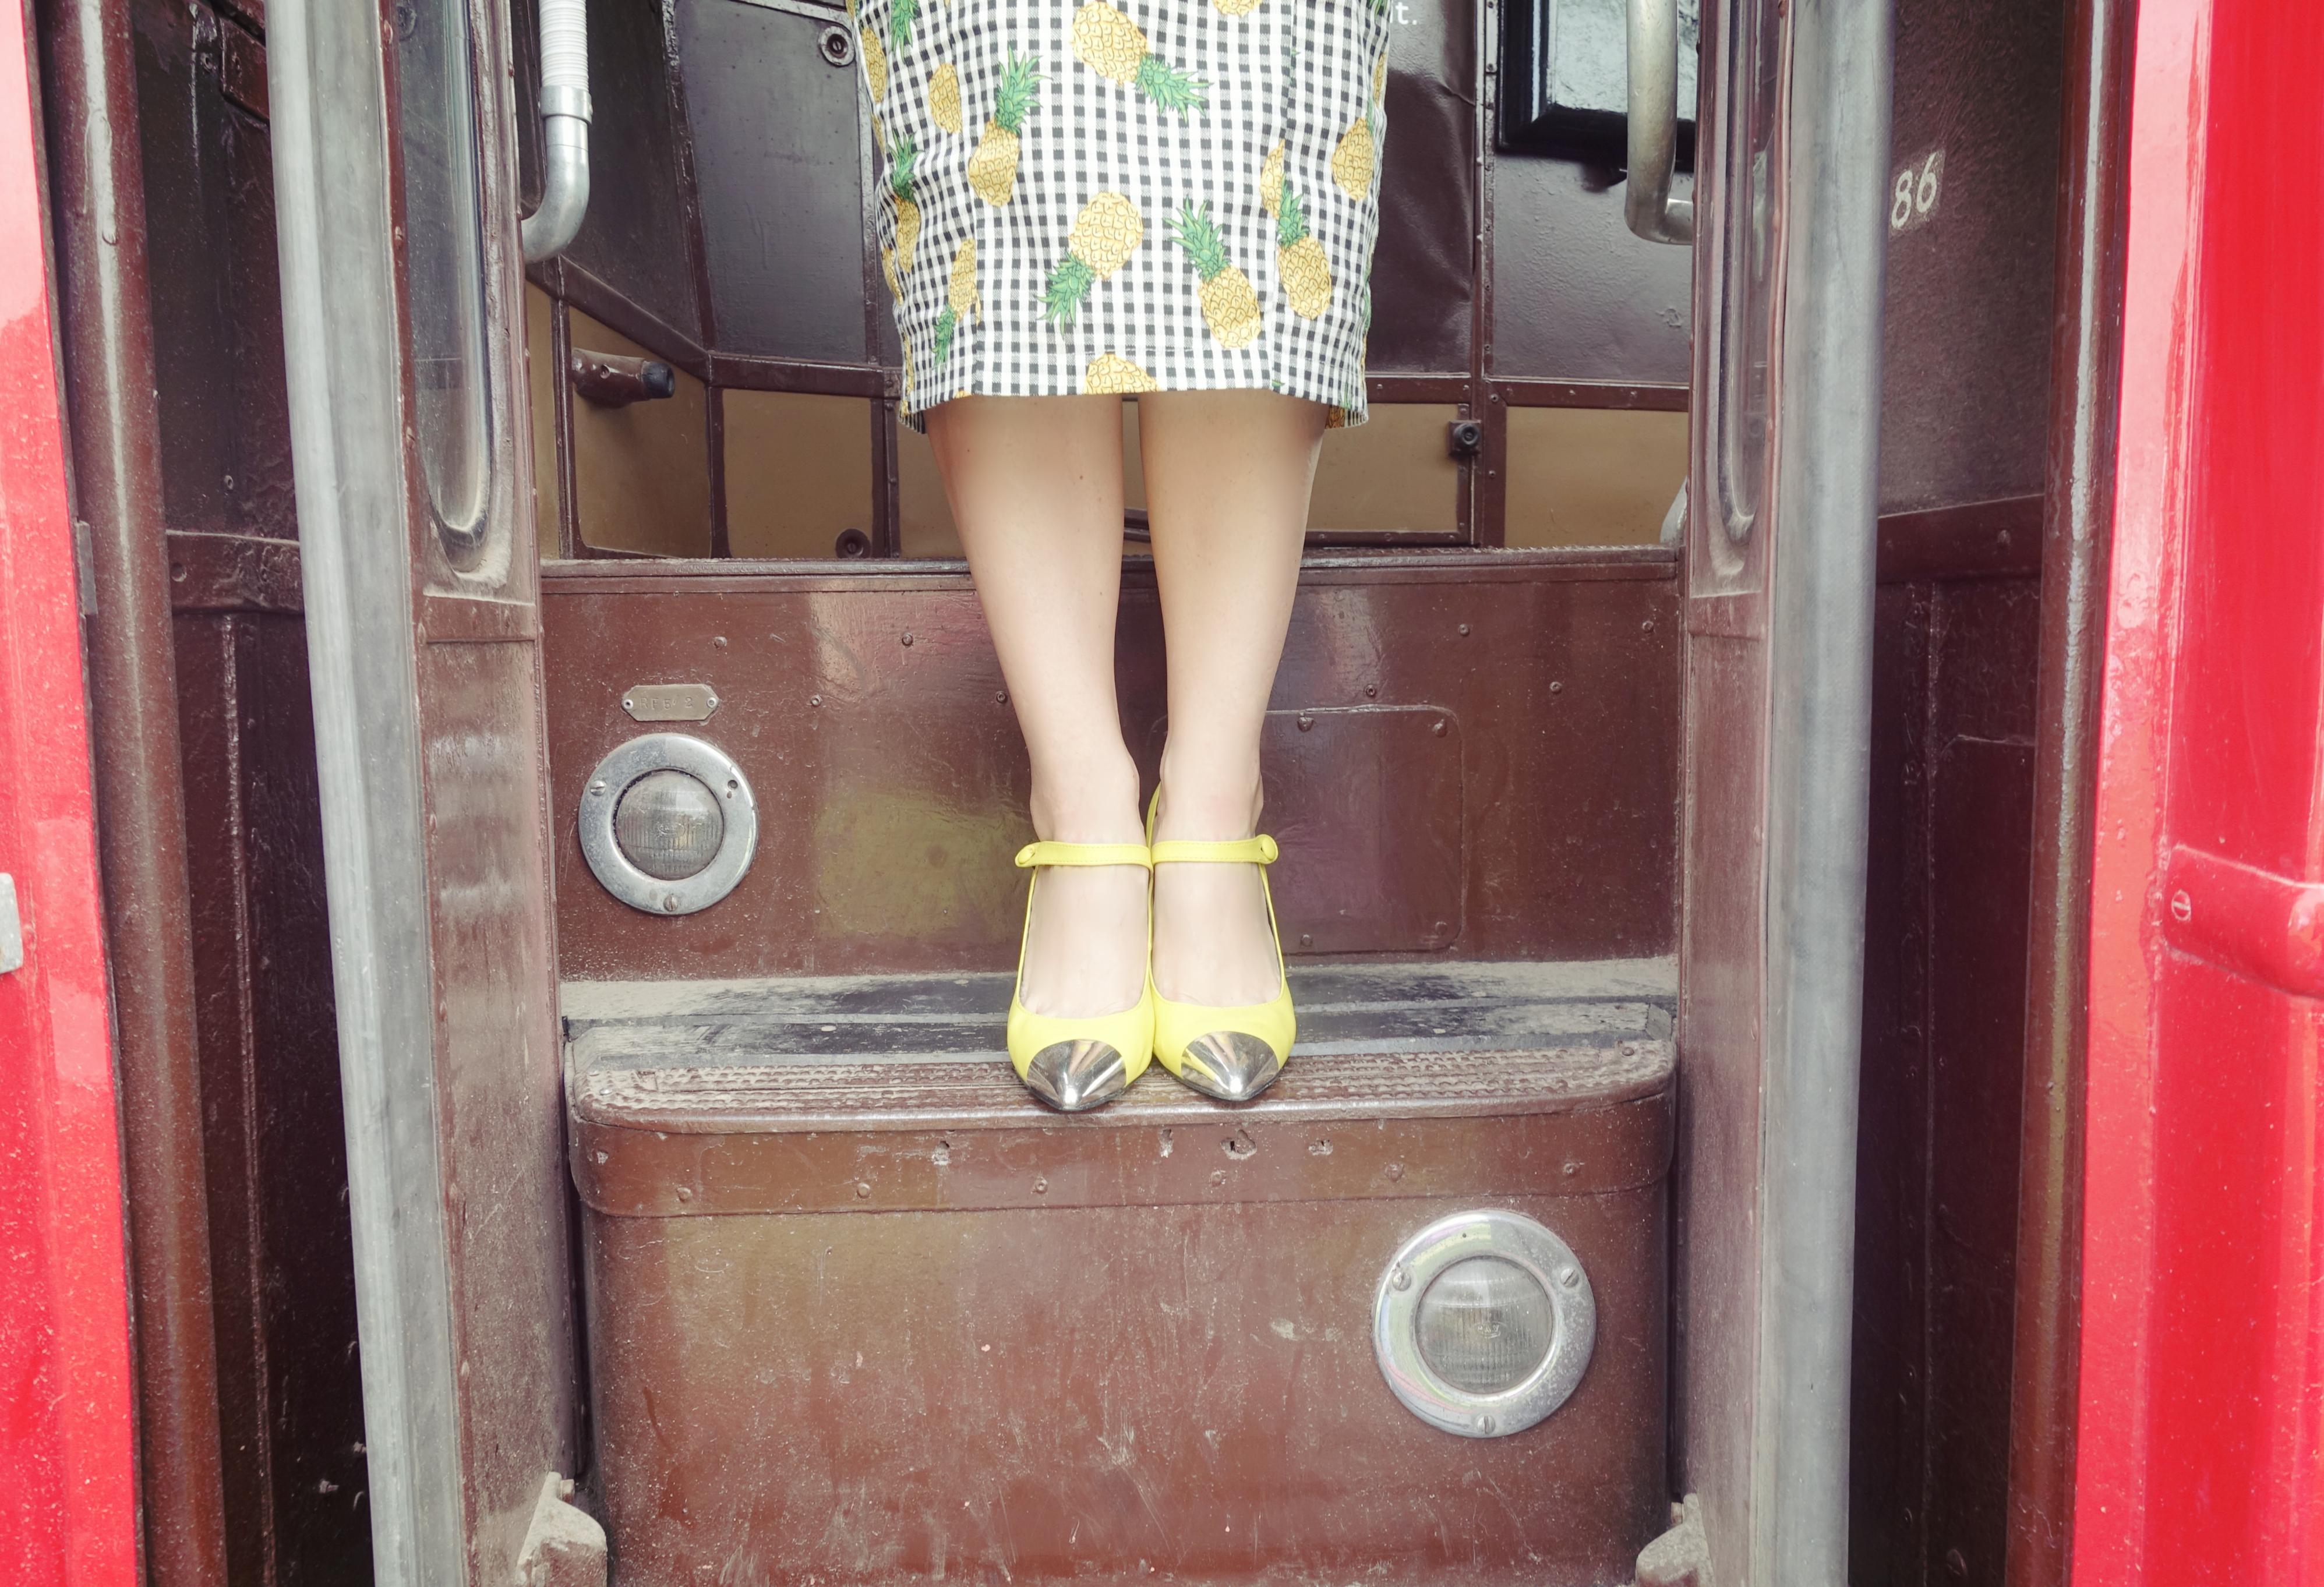 Yellow-shoes-blog-de-moda-Chicadicta-PiensaenChic-influencer-tacones-amarillos-Chic-adicta-Piensa-en-Chic-london-style